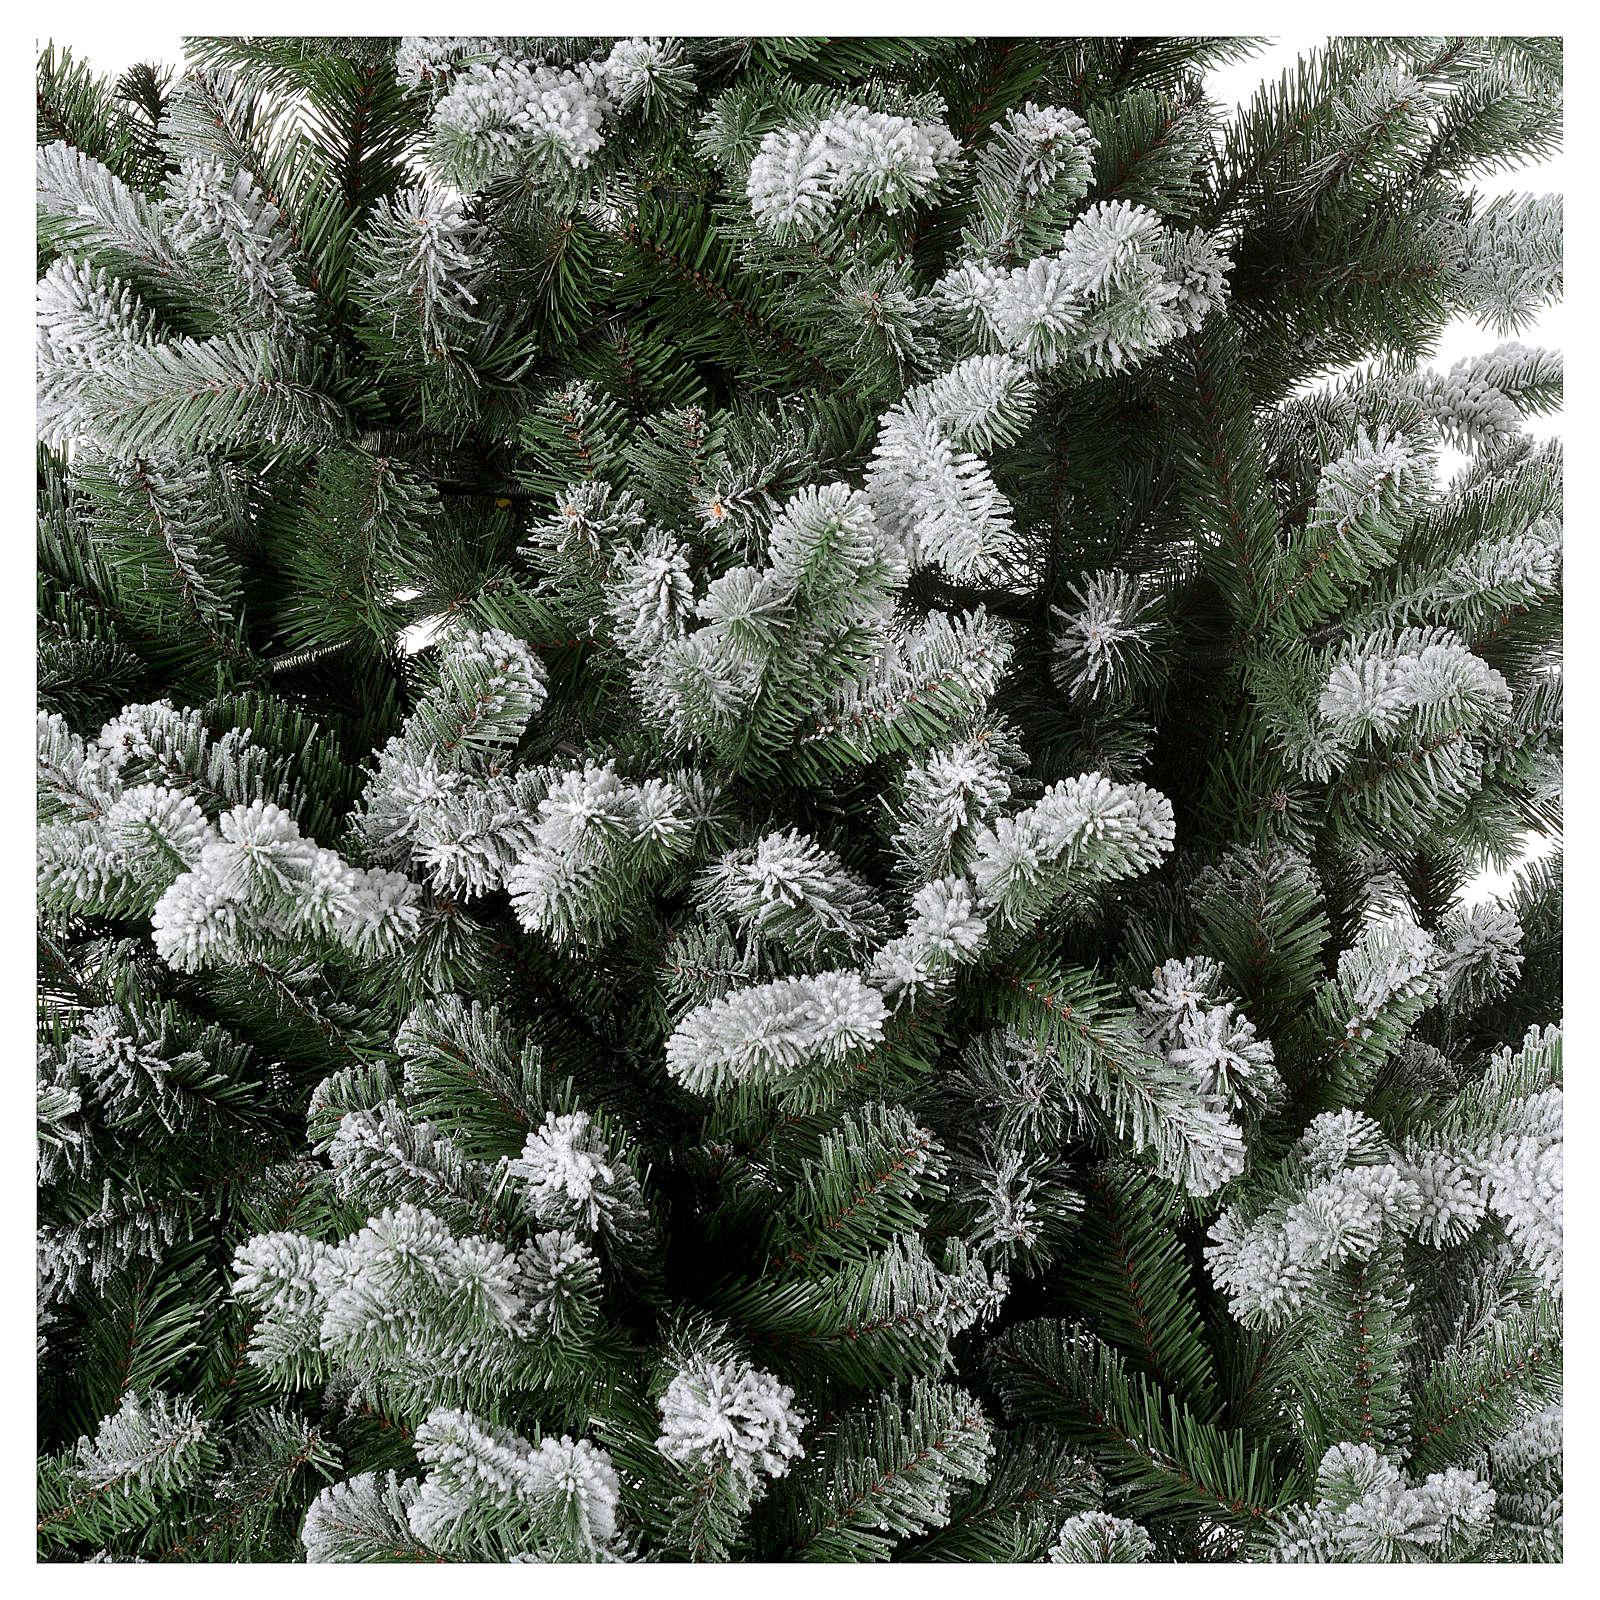 Grüner Weihnachstbaum mit Schnee und Glitter 180cm Mod. Sheffield 3